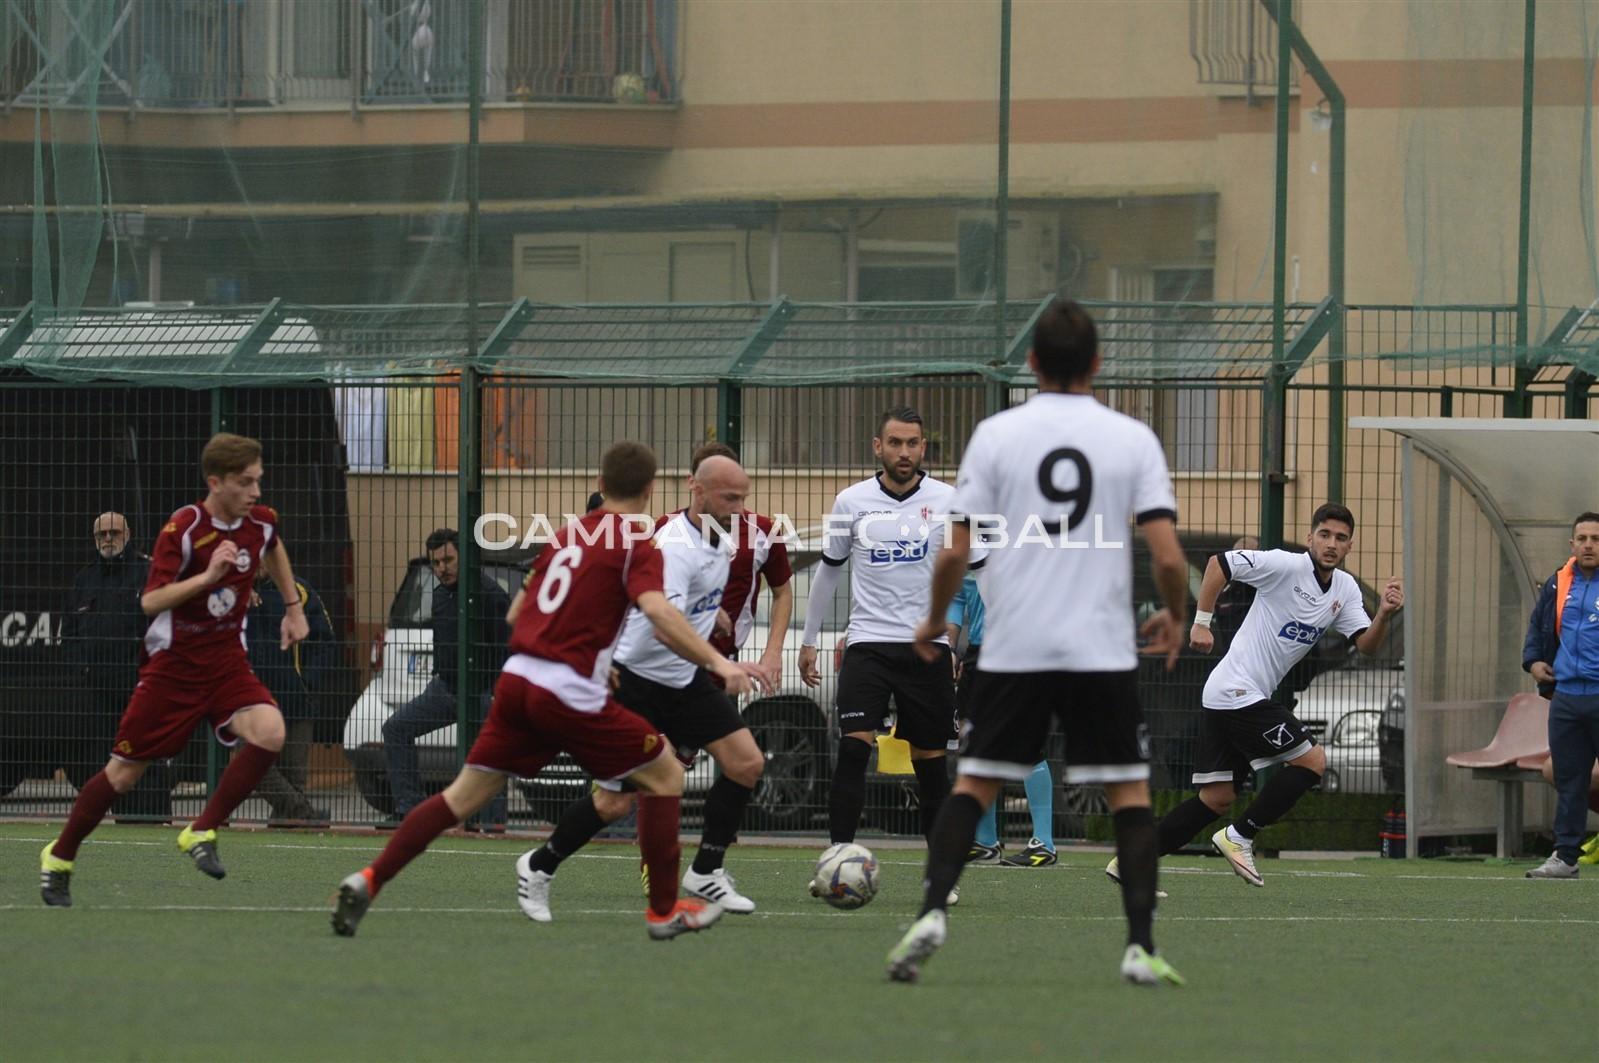 """La verità di Lippiello: """"Torre Annunziata e Gragnano rischiano di restare senza calcio, forse andrò con Gaglione"""""""